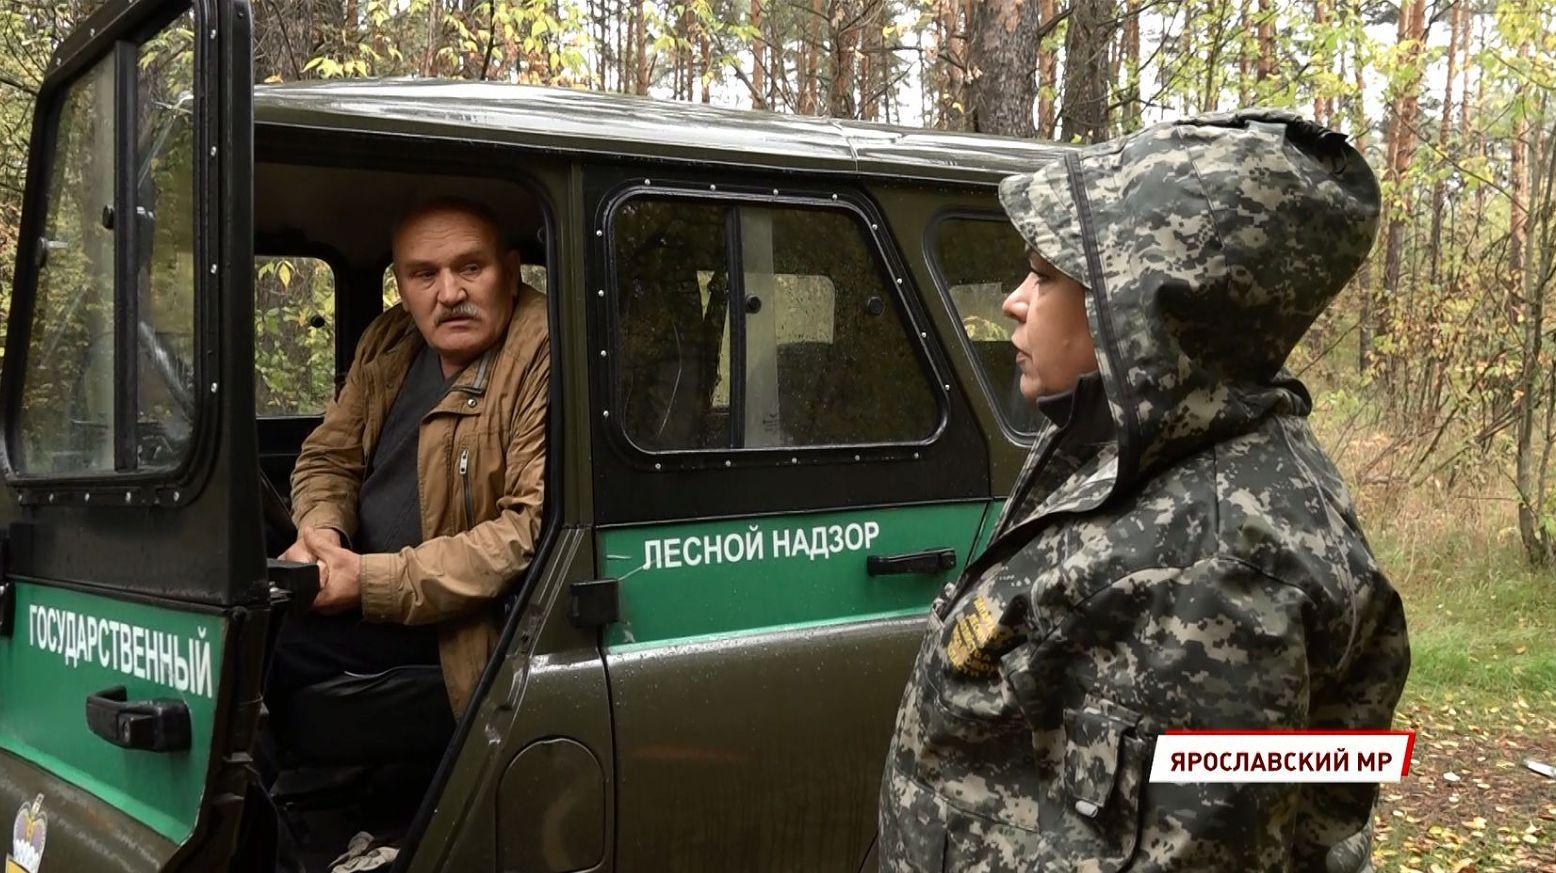 В Ярославской области в 2021 году с нарушителей лесного законодательства взыскано 11,5 миллионов рублей